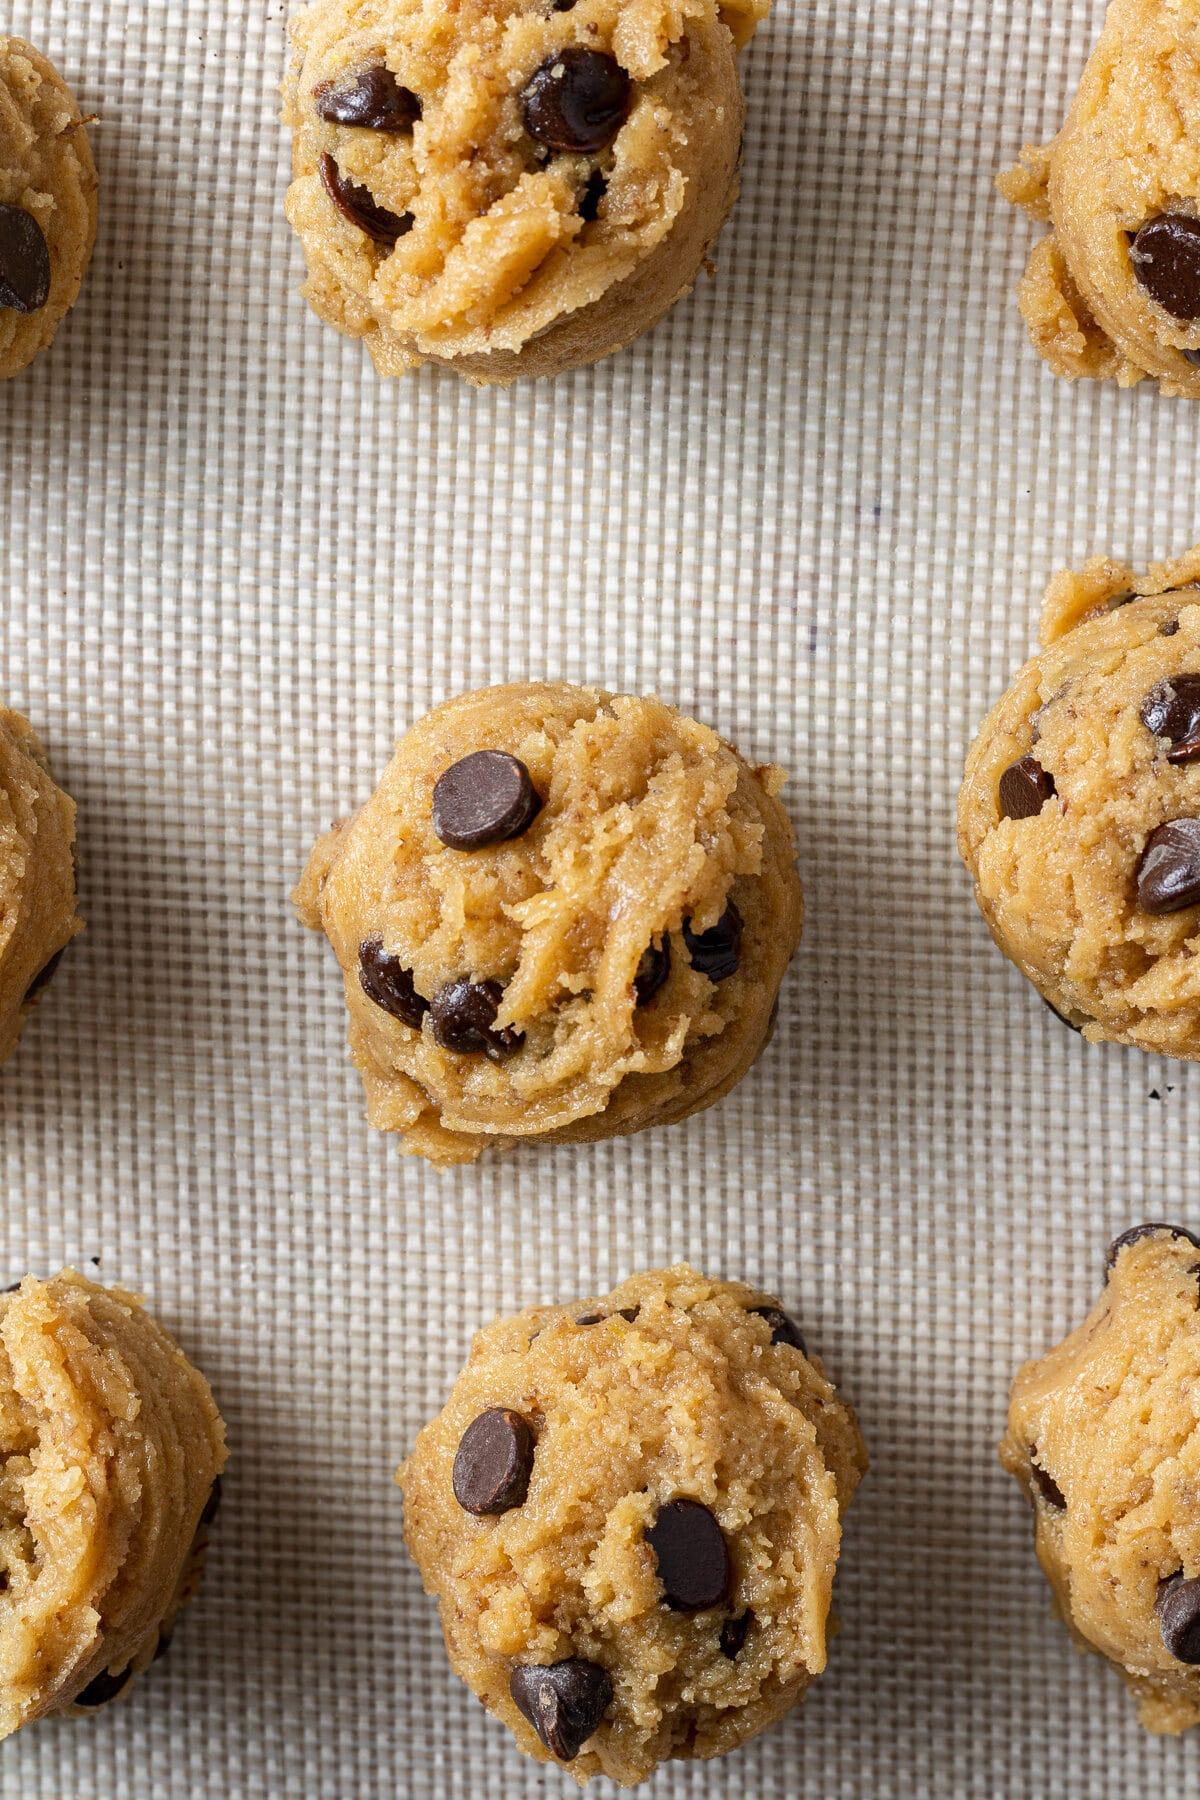 vegan peanut butter cookies dough on baking sheet